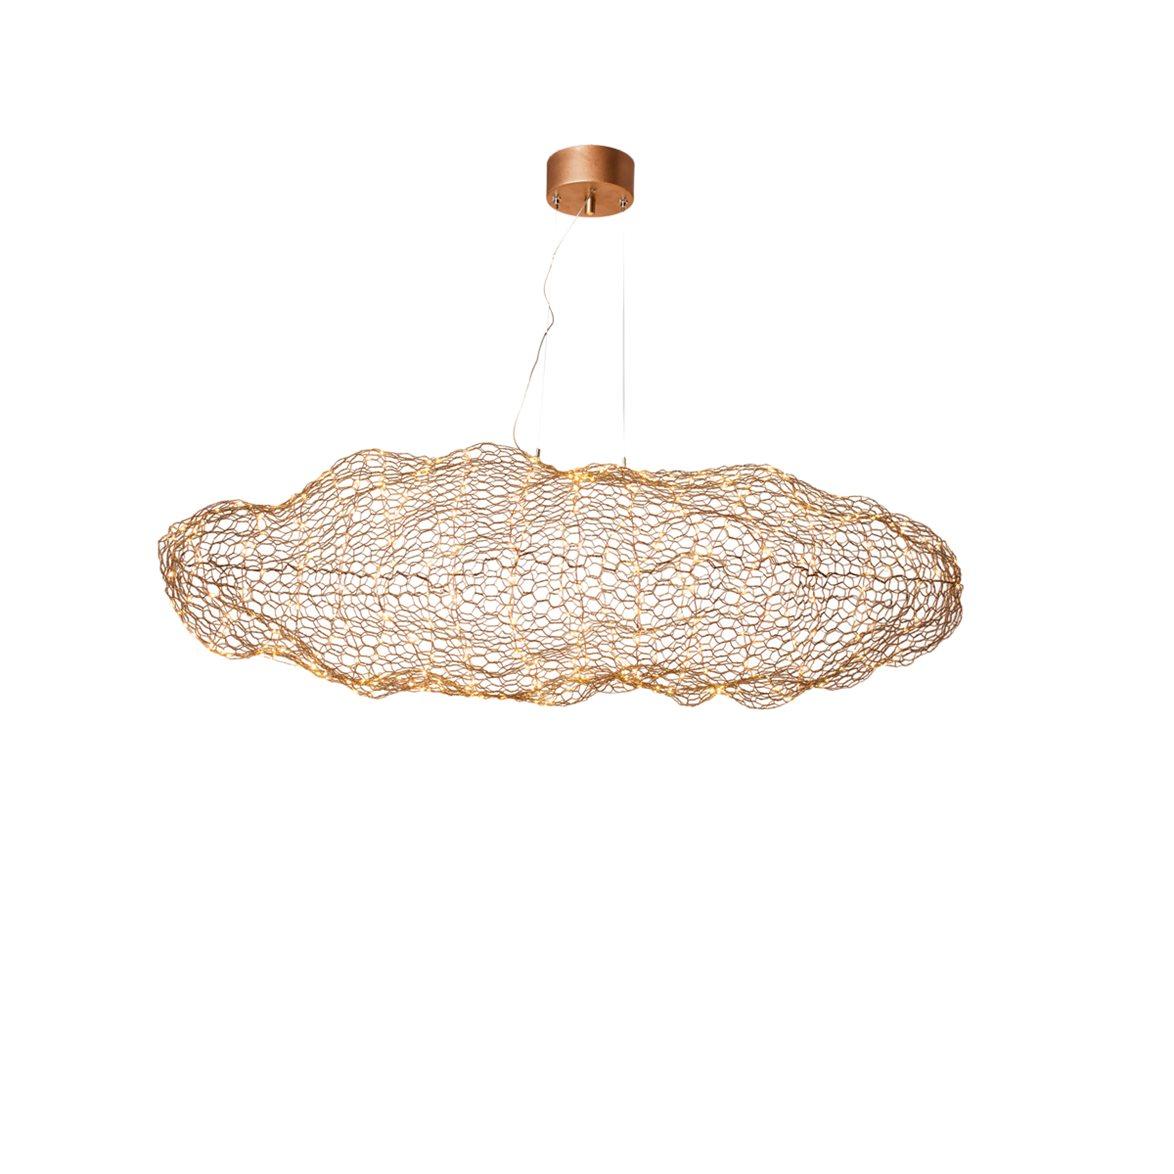 Berömda Hayden LED taklampa, guld 76cm - Stockholms bästa lampaffär SP-05